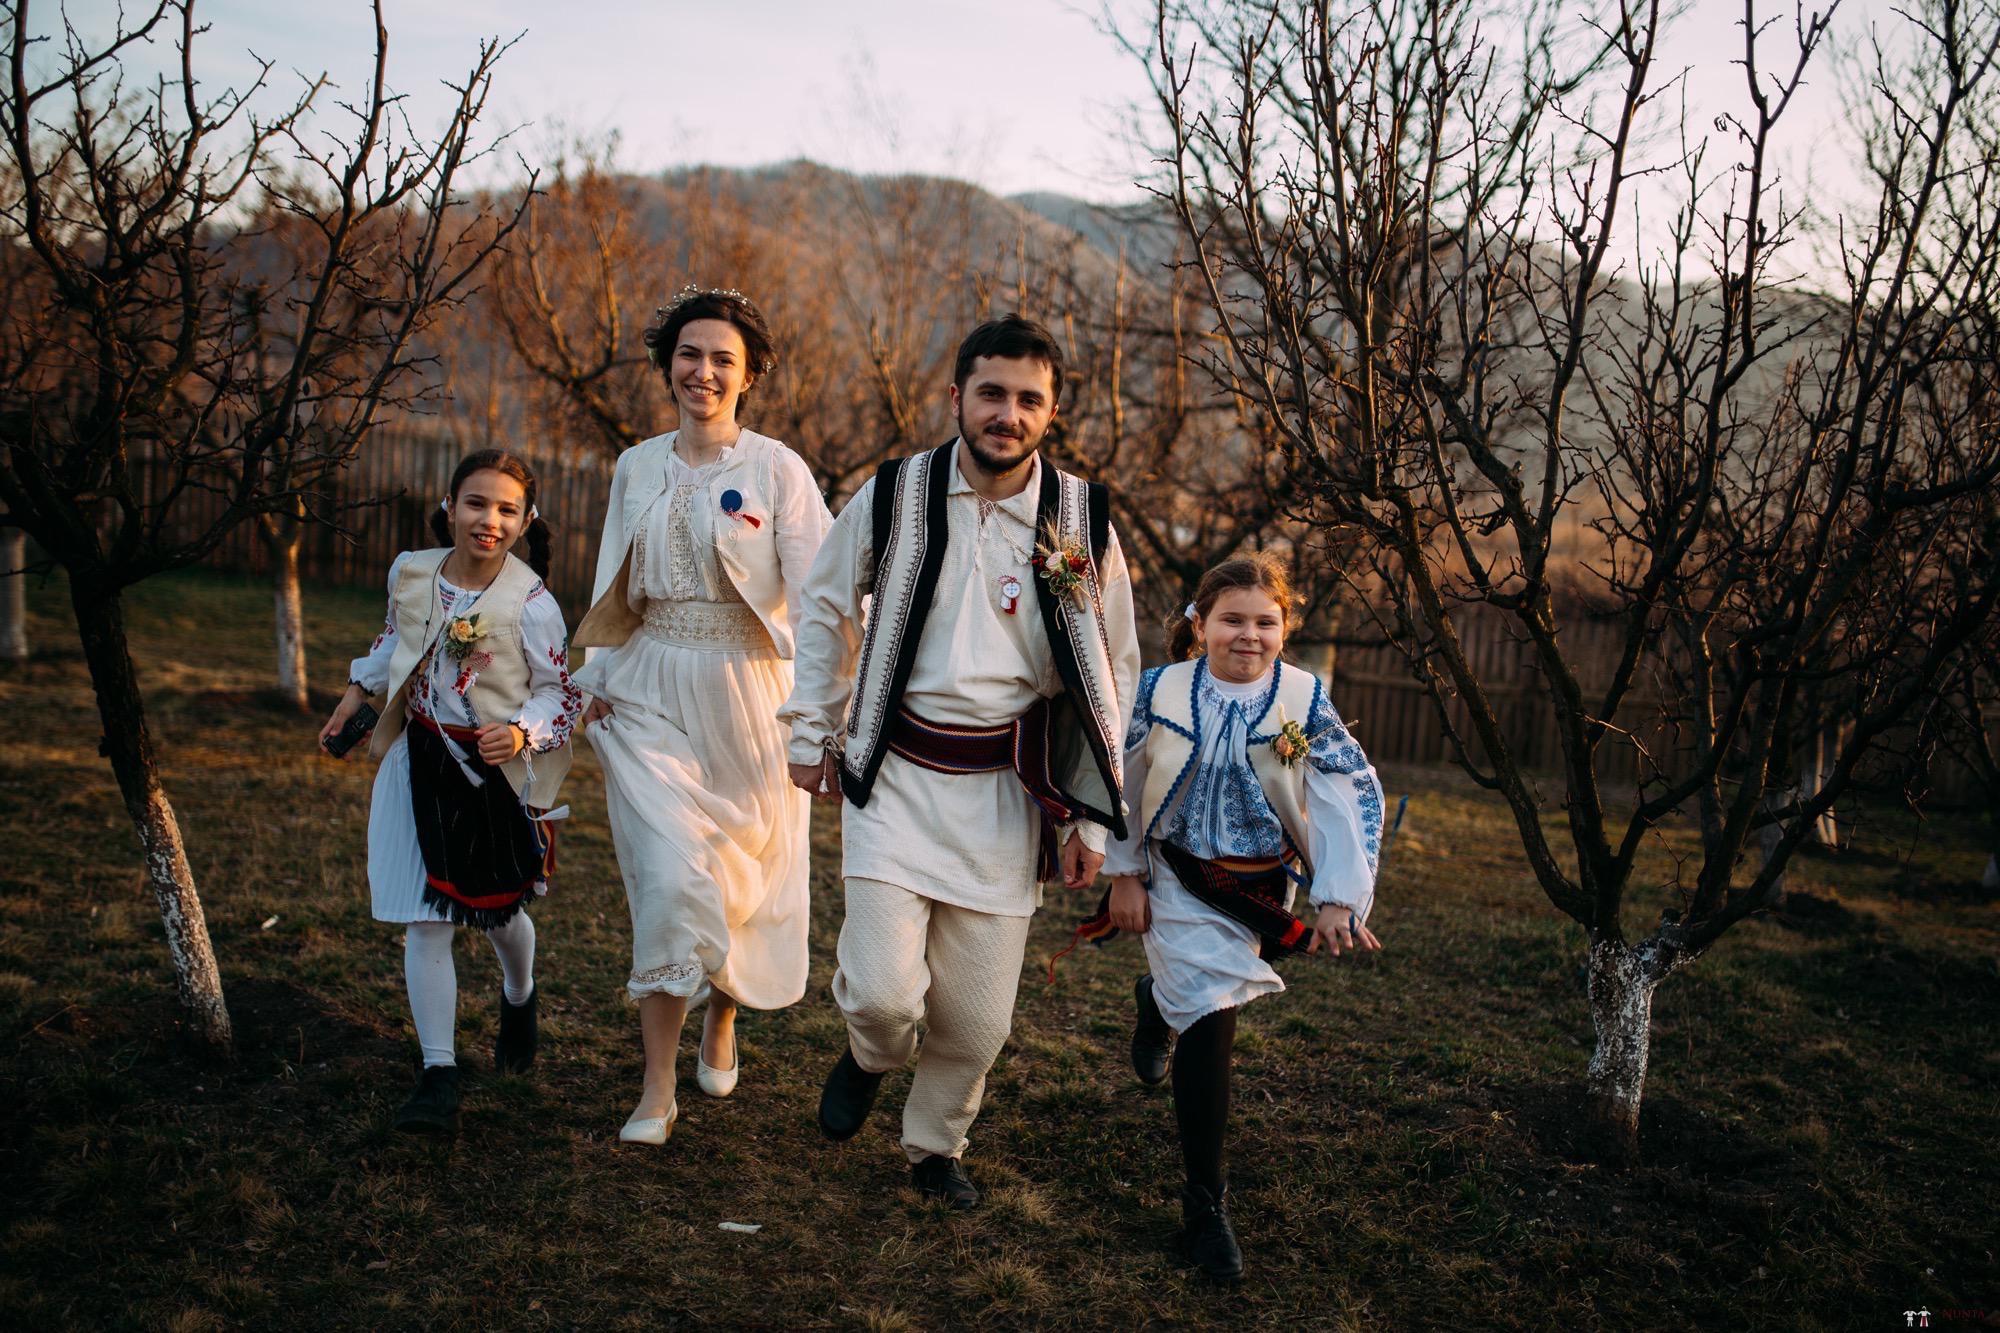 Povești Nunți Tradiționale - Gabriela și Adrian. Nuntă tradițională în Piatra Neamț 46